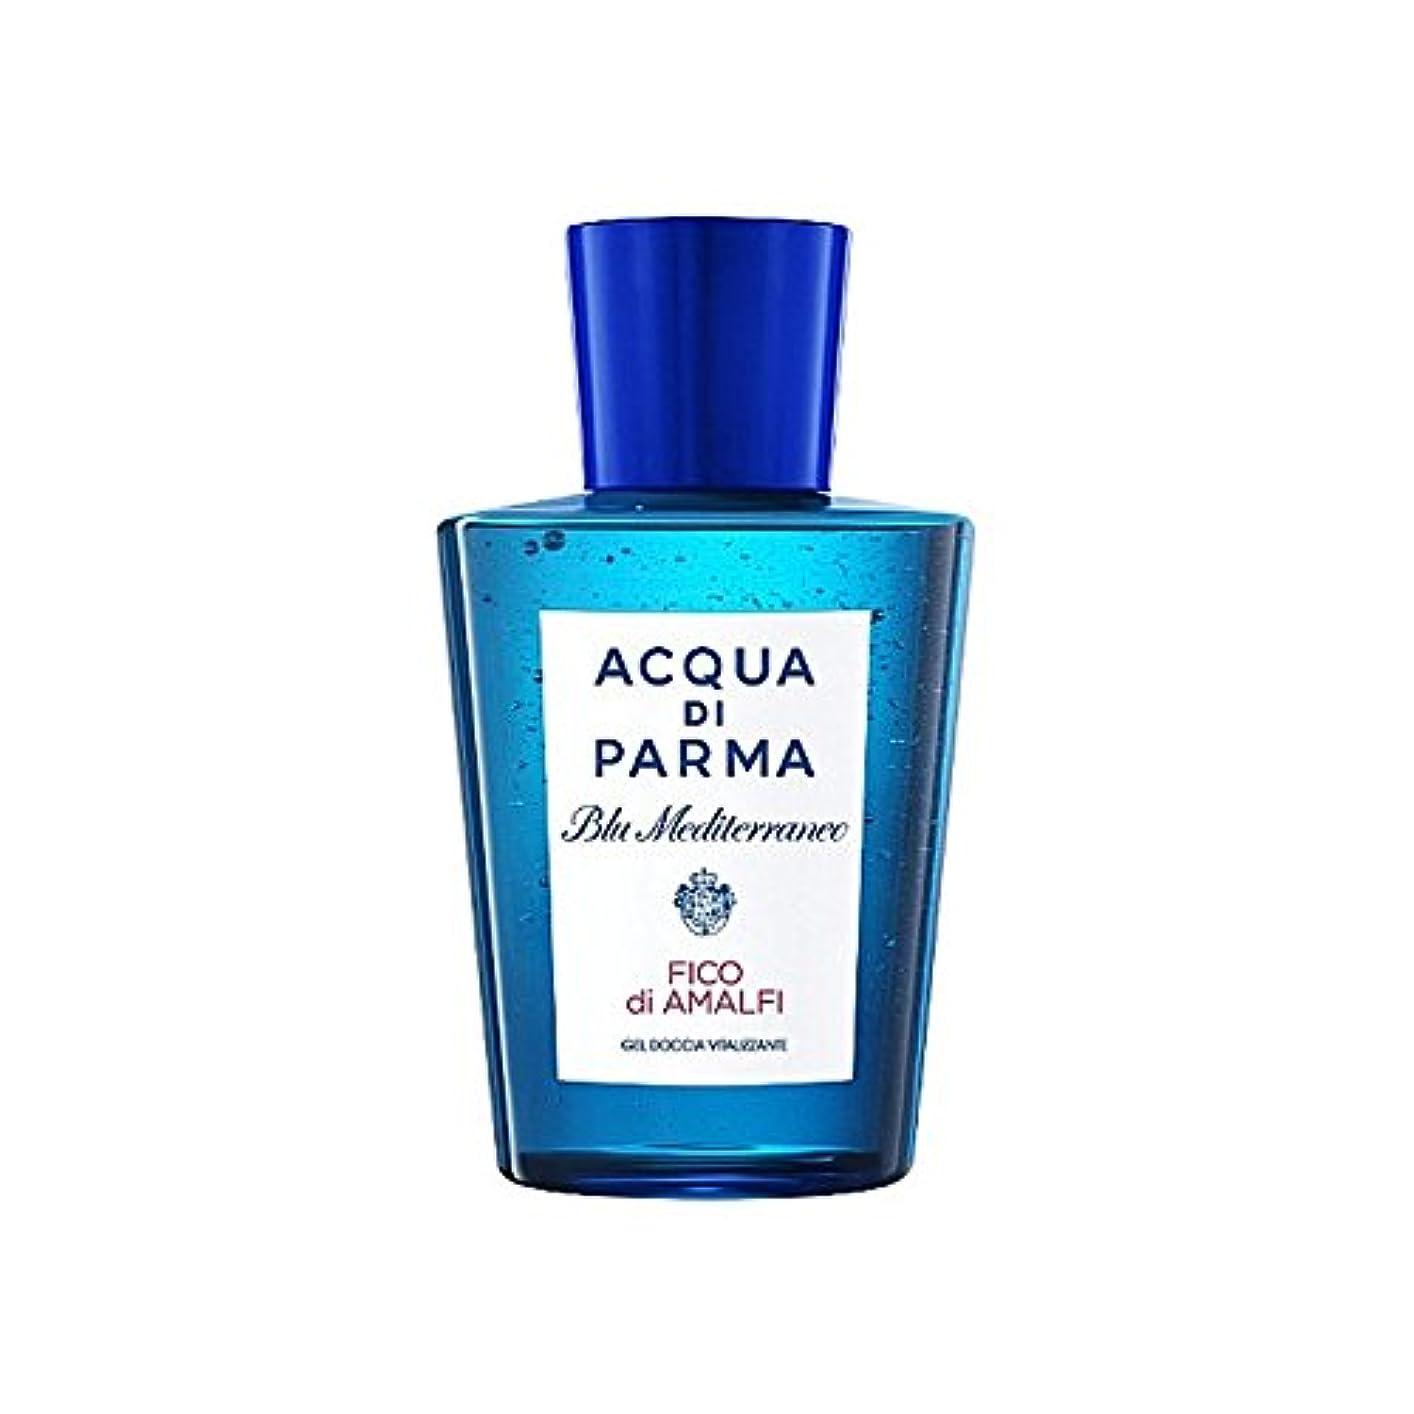 参照する国籍栄光Acqua Di Parma Blu Mediterraneo Fico Di Amalfi Shower Gel 200ml - アクアディパルマブルーメディジアマルフィシャワージェル200 [並行輸入品]